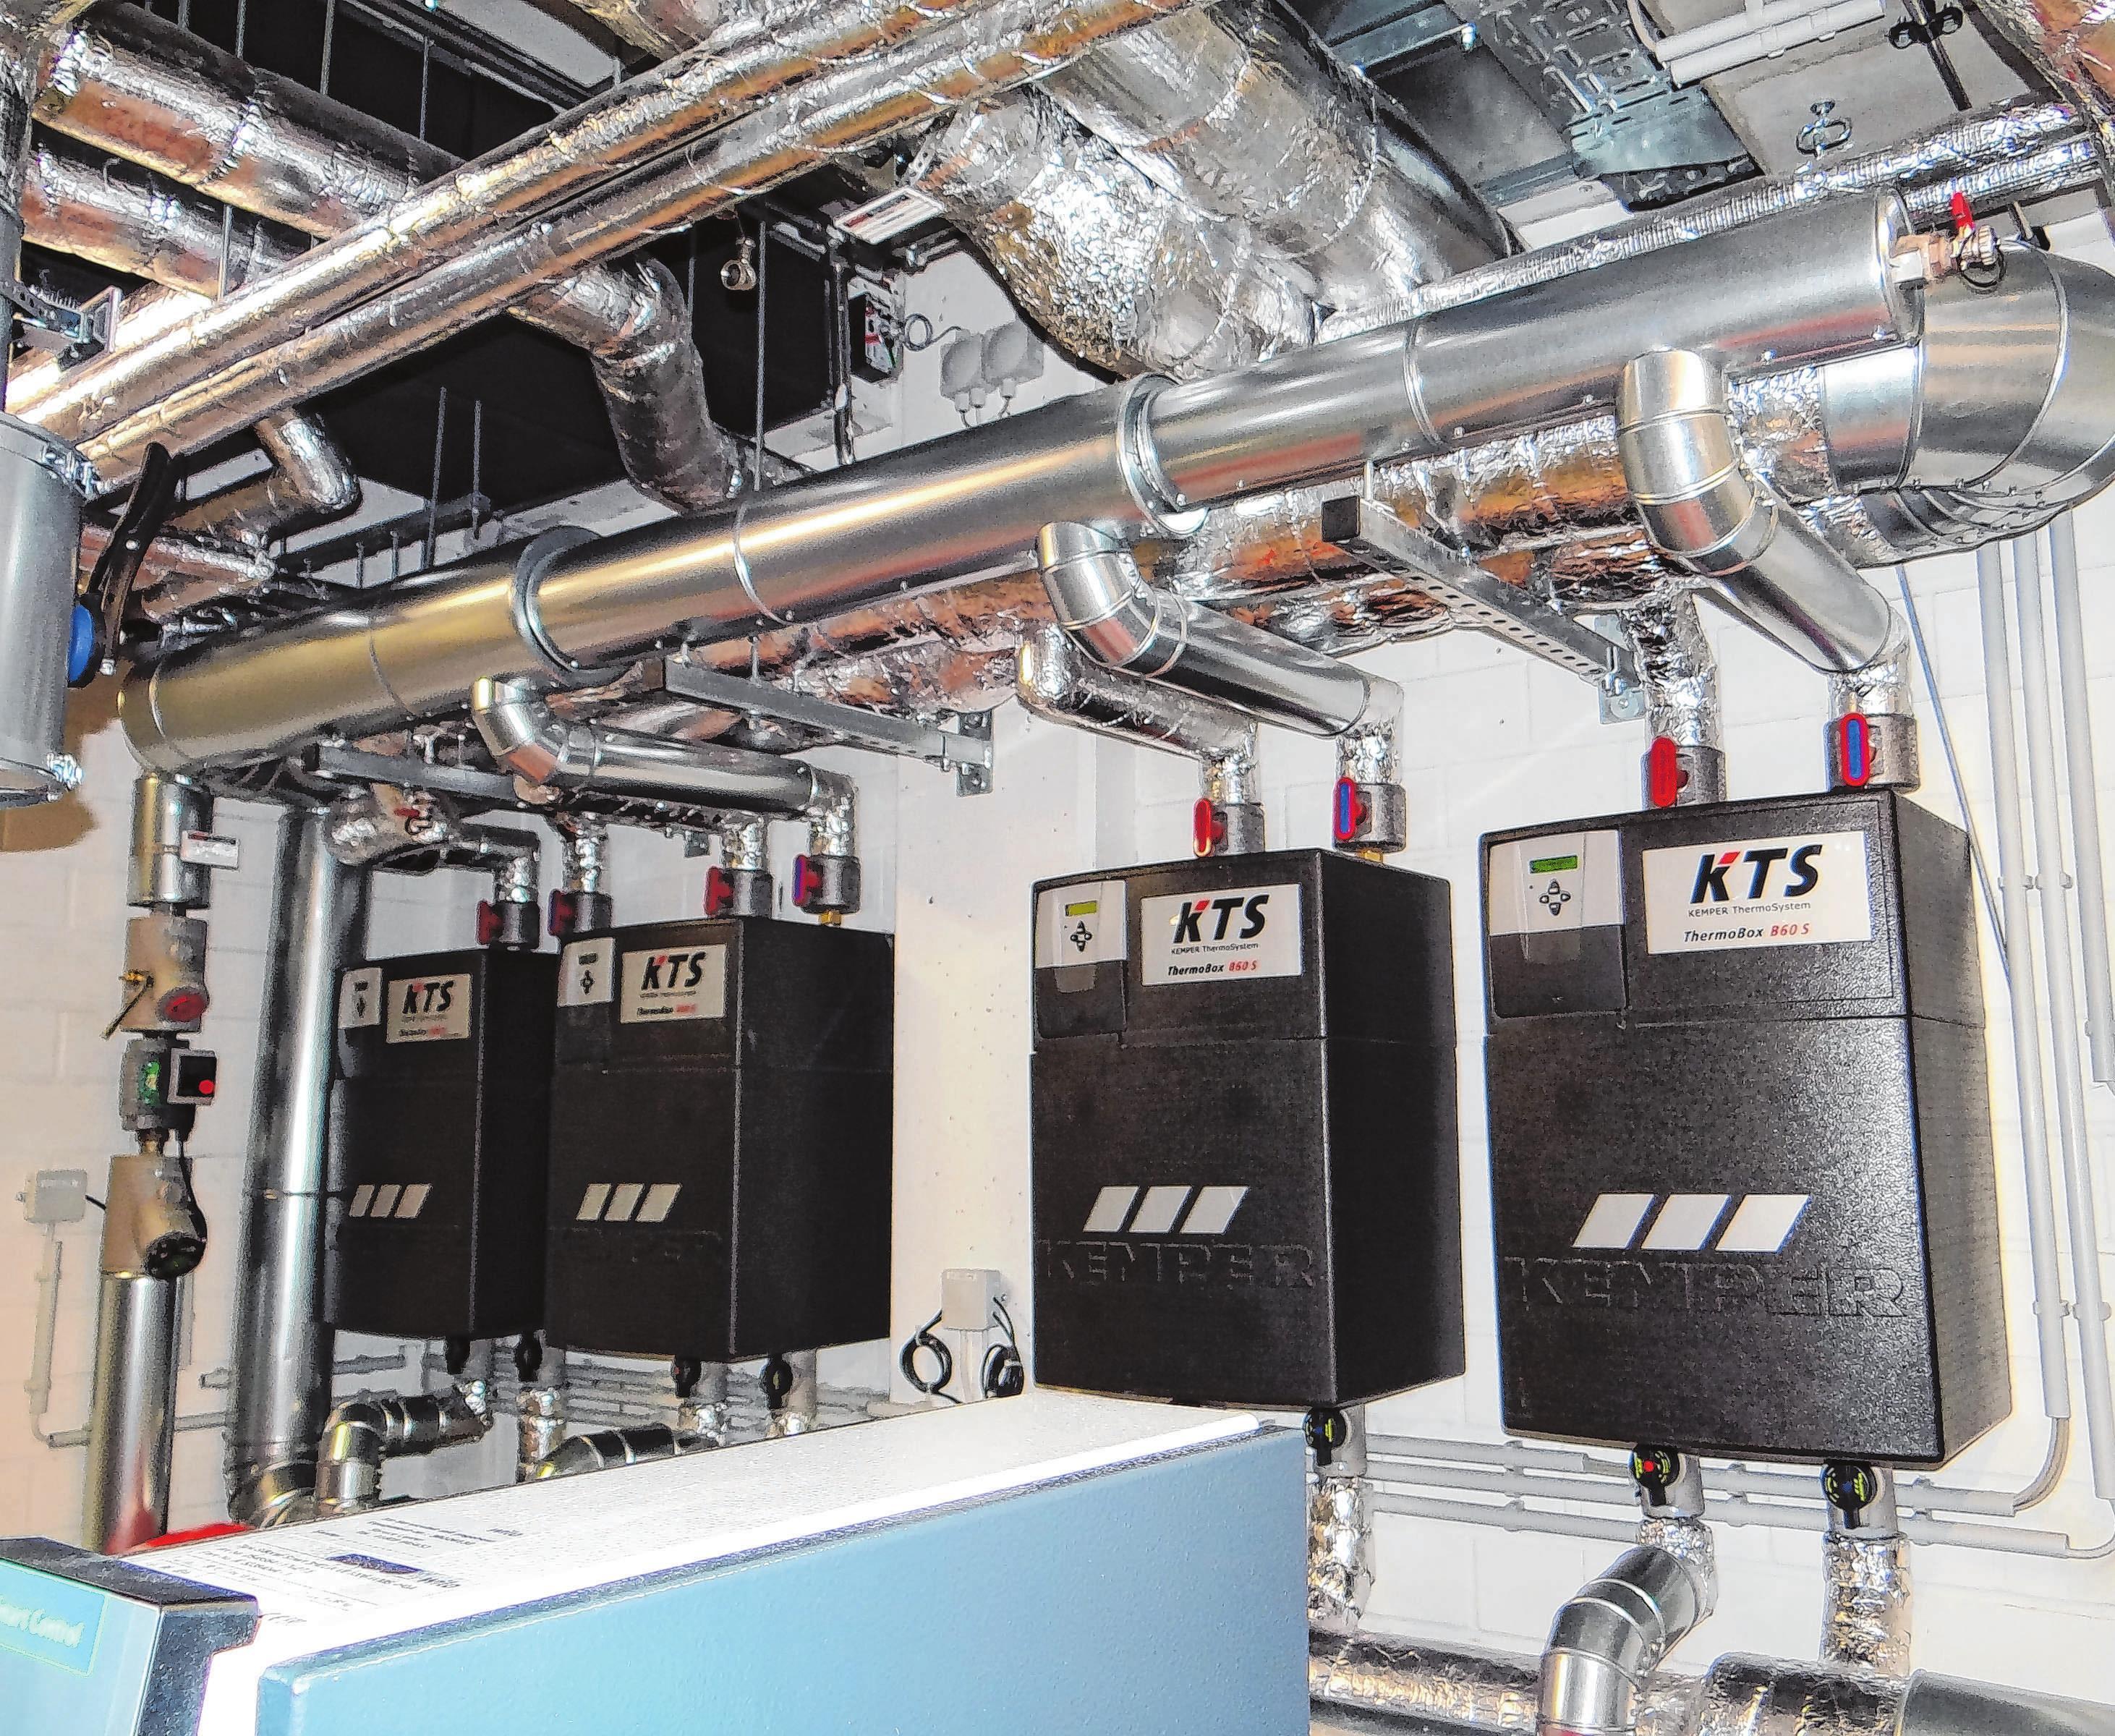 Die KDH Energie-Versorgungstechnik GmbH hat im Meininger Hotel an der East Side Gallery in Berlin auch die Heizungsund Klimatechnik installiert. Der Betrieb arbeitet bei Großaufträgen für bundesweit tätige Bauunternehmen. Foto: KDH